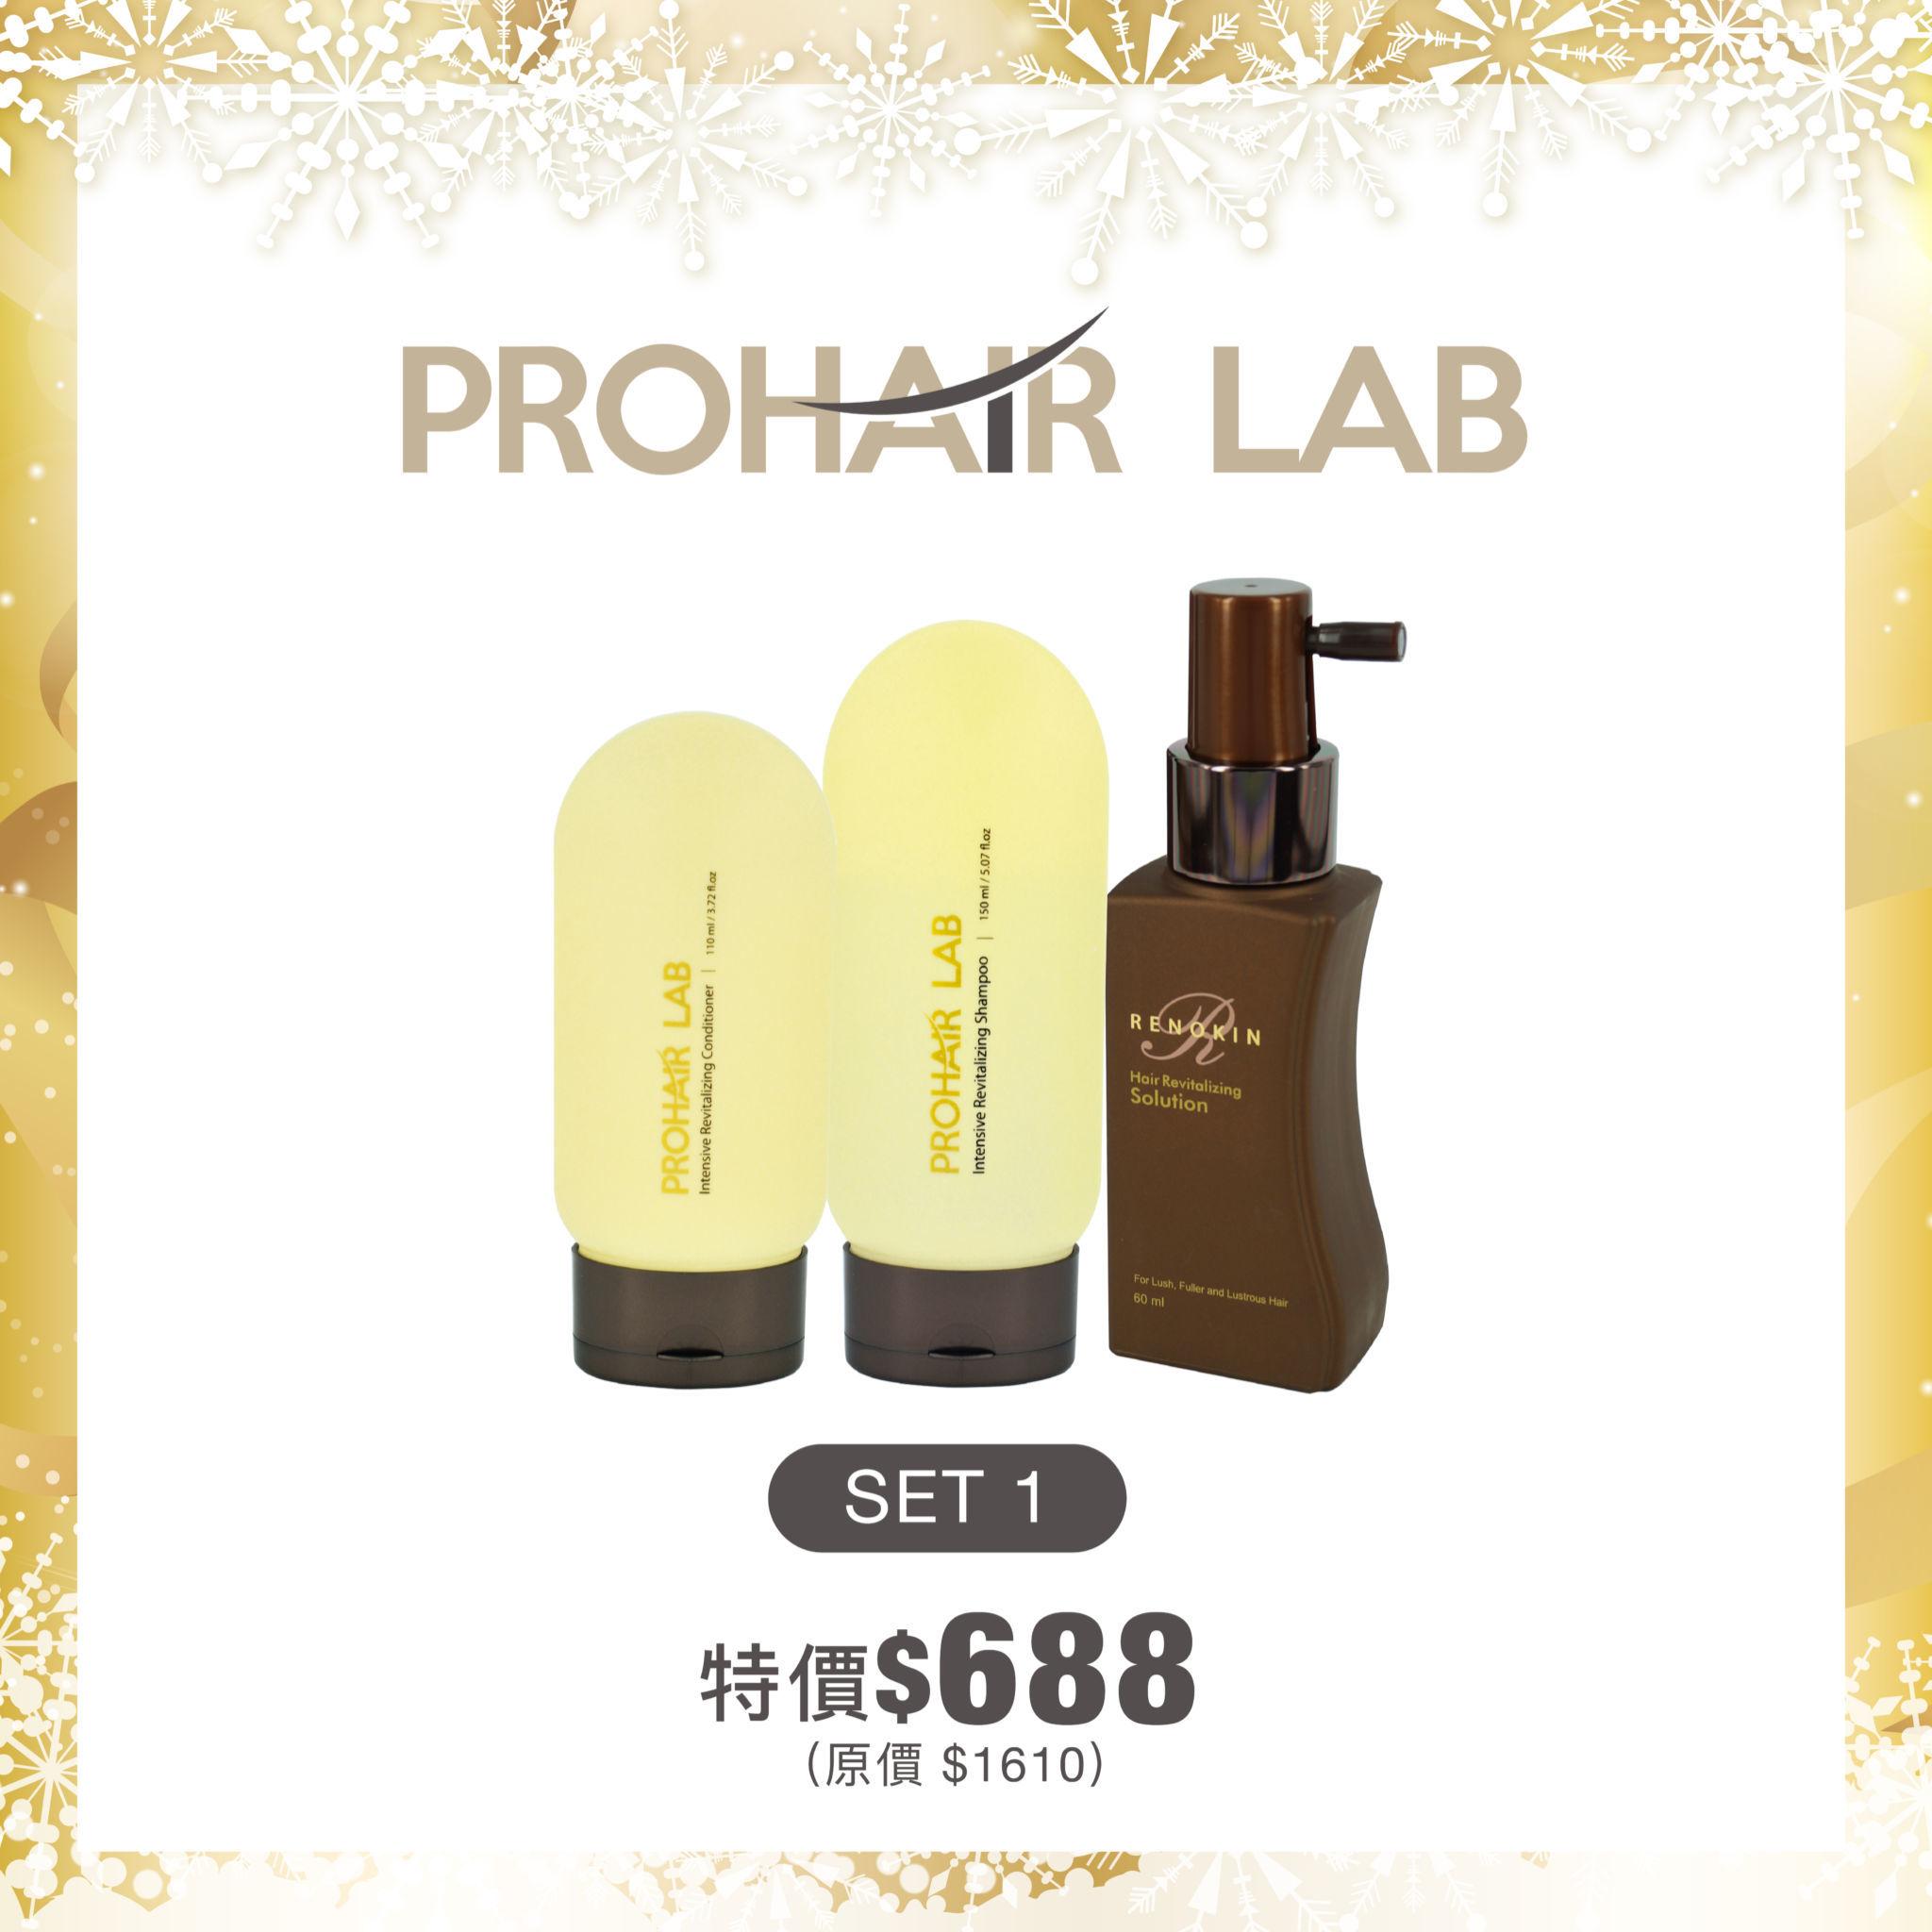 【聖誕優惠】Prohair Lab 賦活抗脫洗護精華套裝